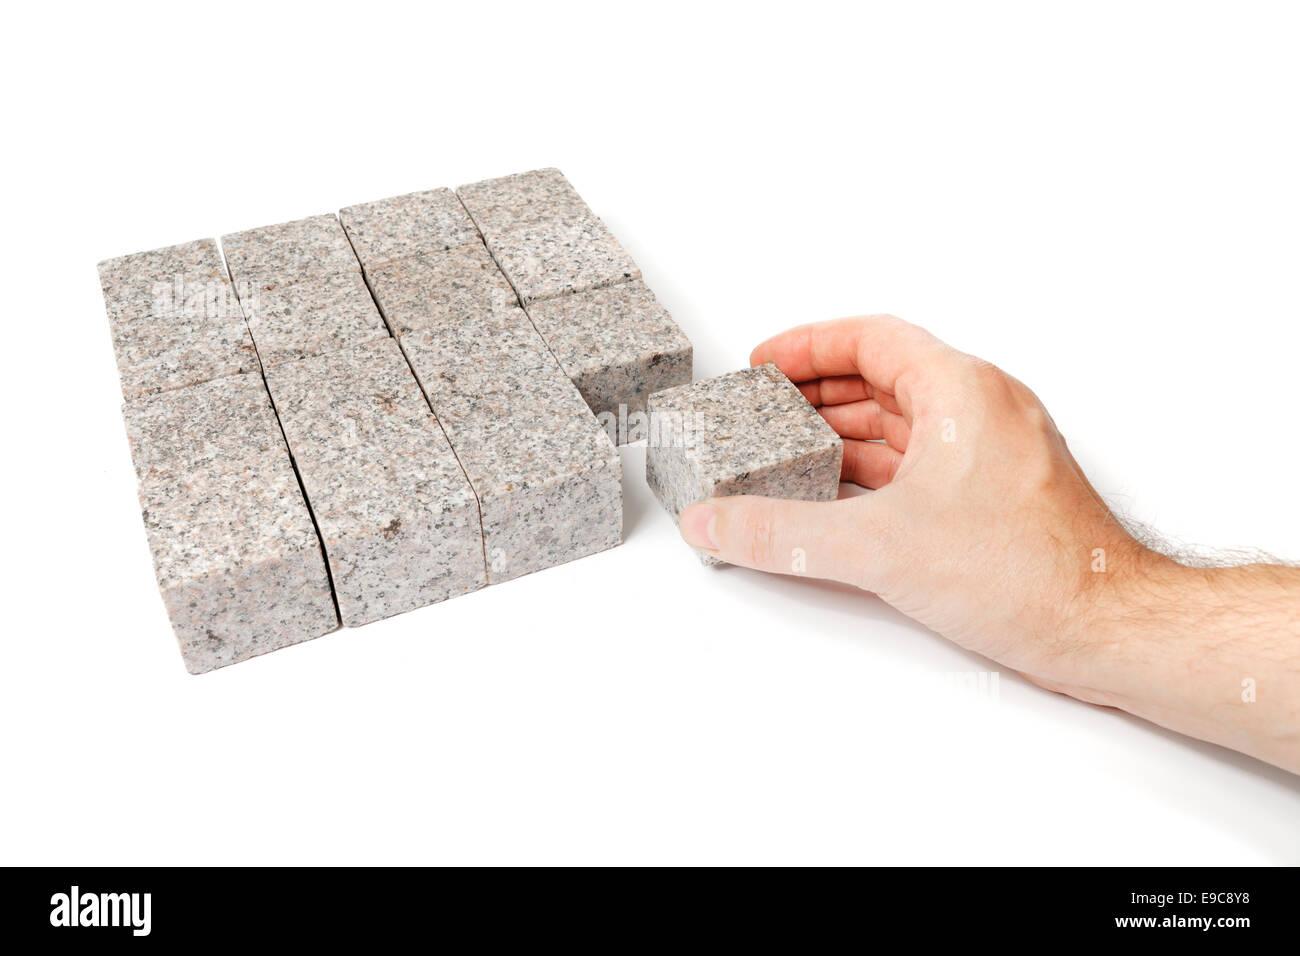 L'homme de prendre une forme carrée de blocs de granit rock. Photo Stock